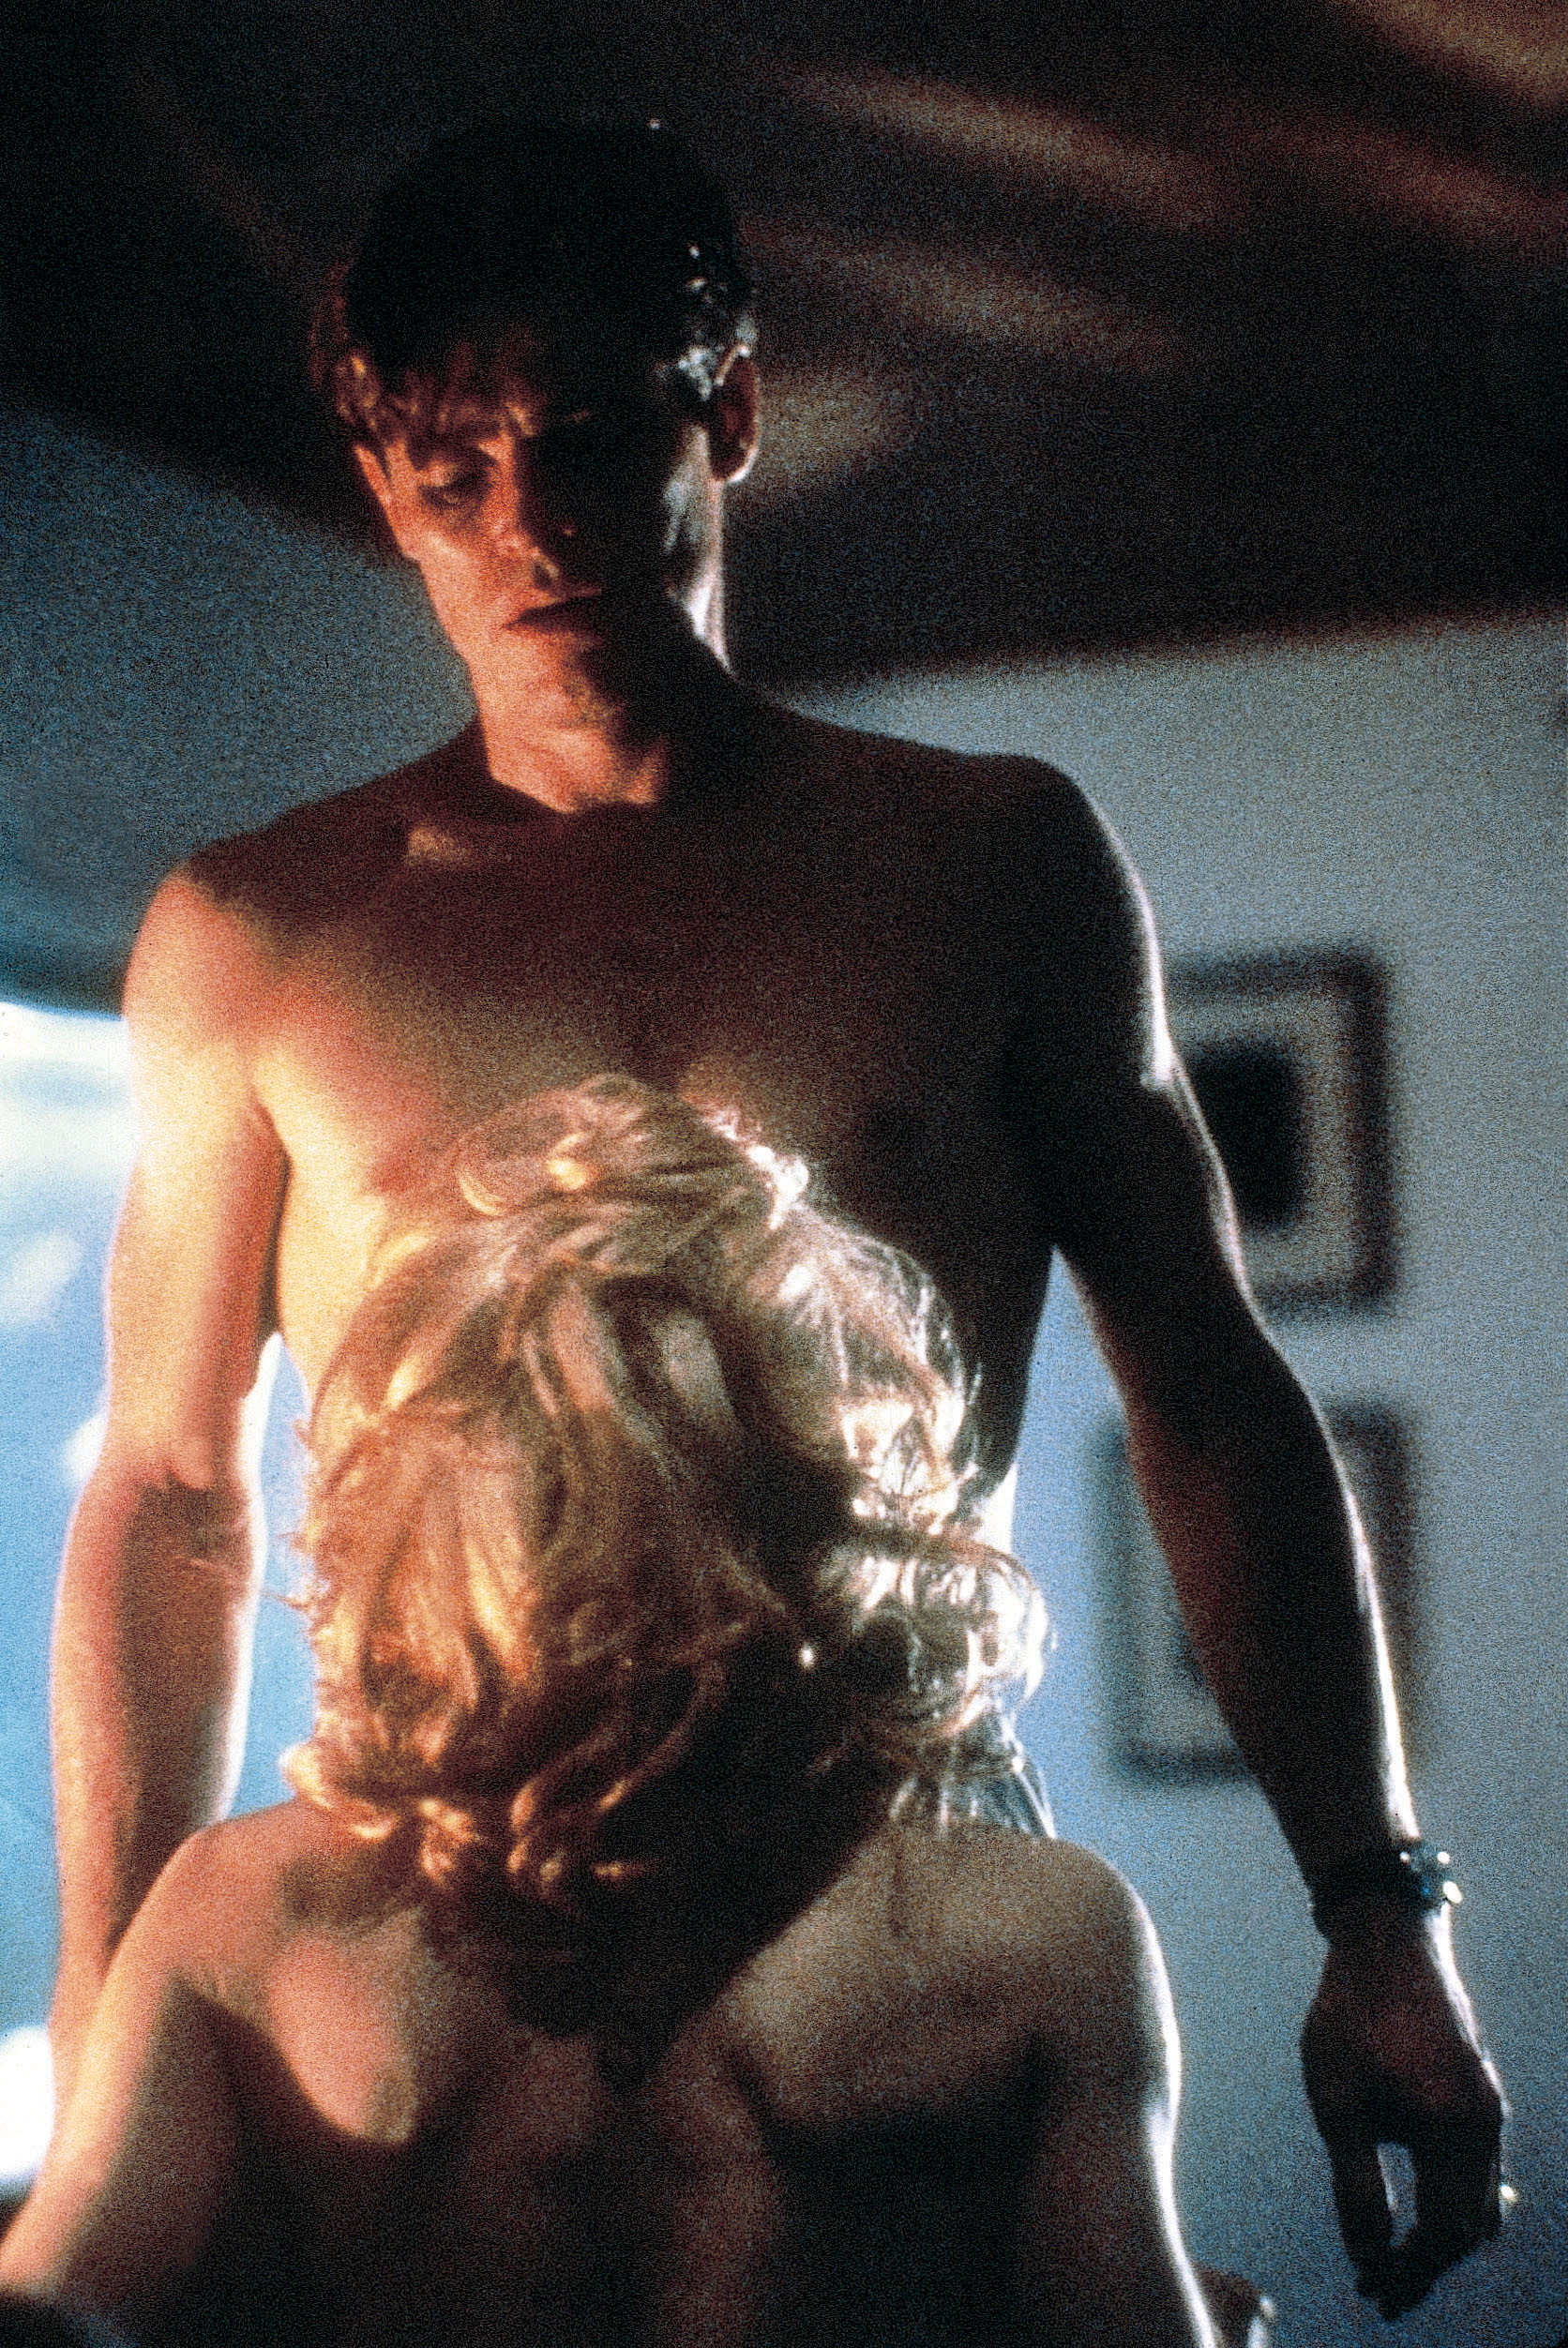 Hot naked butt sex